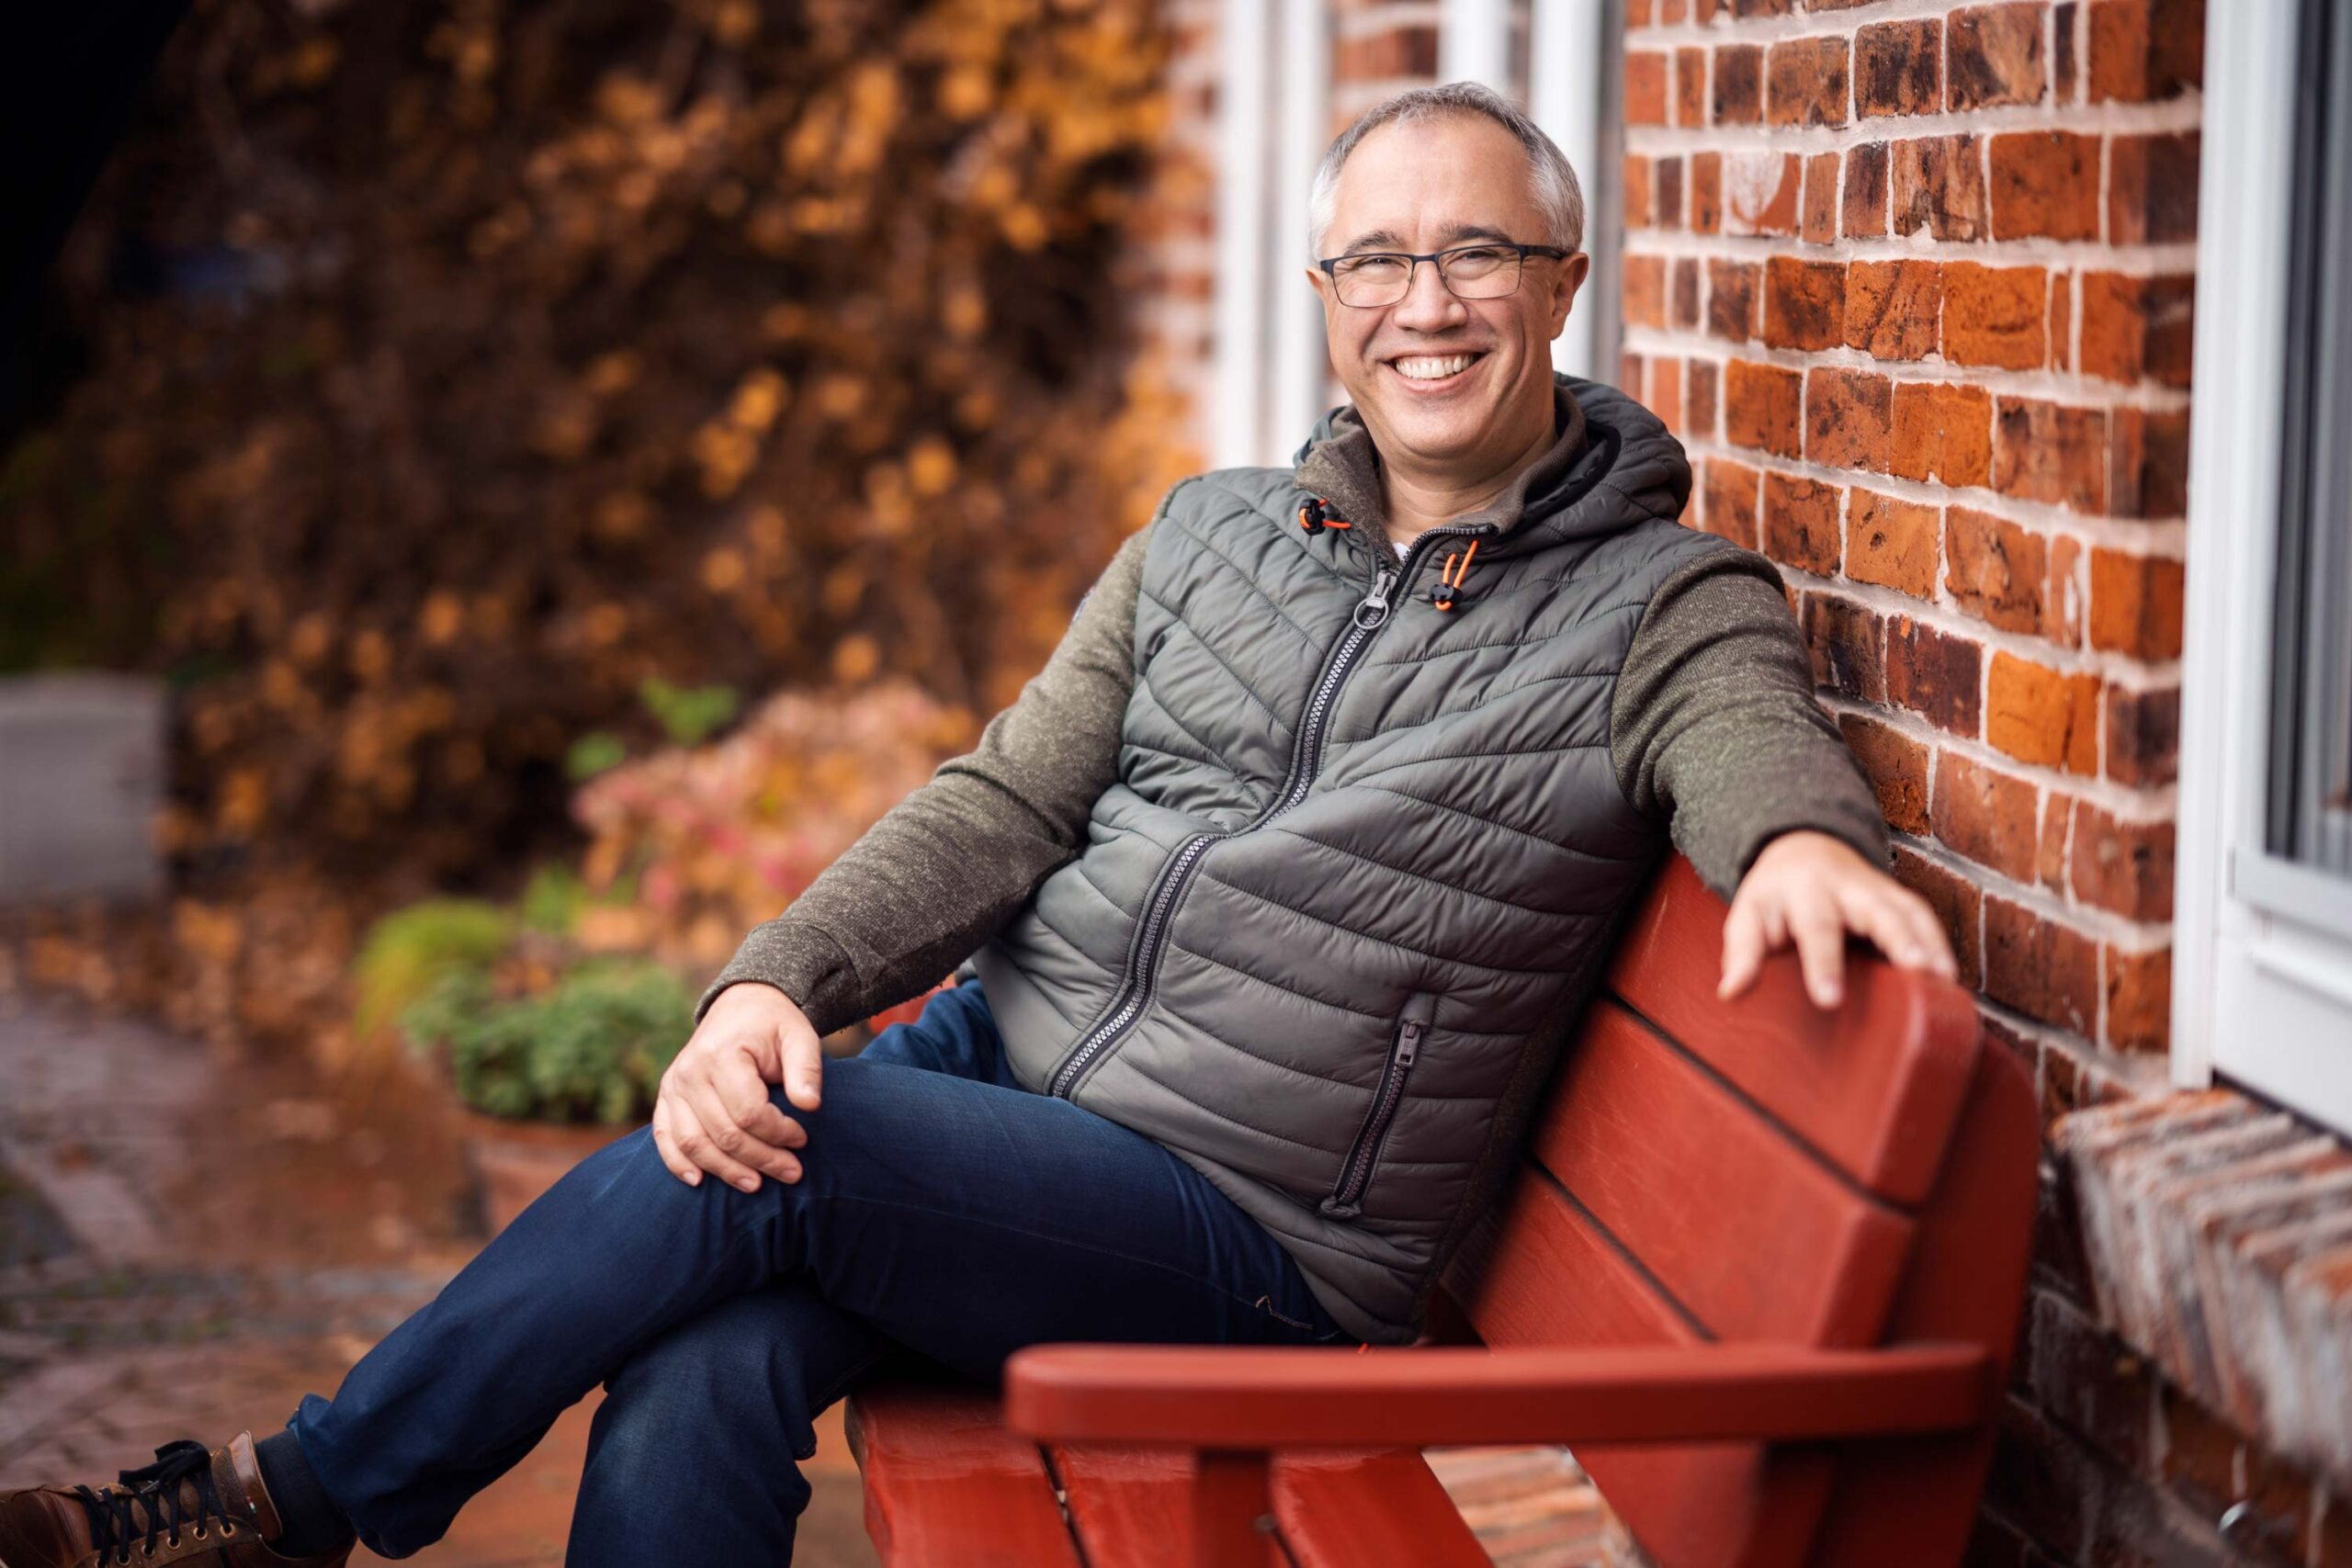 Dirk Fornahl Kandidat Samtgemeinde Baddeckenstedt Pressefoto auf der Gartenbank